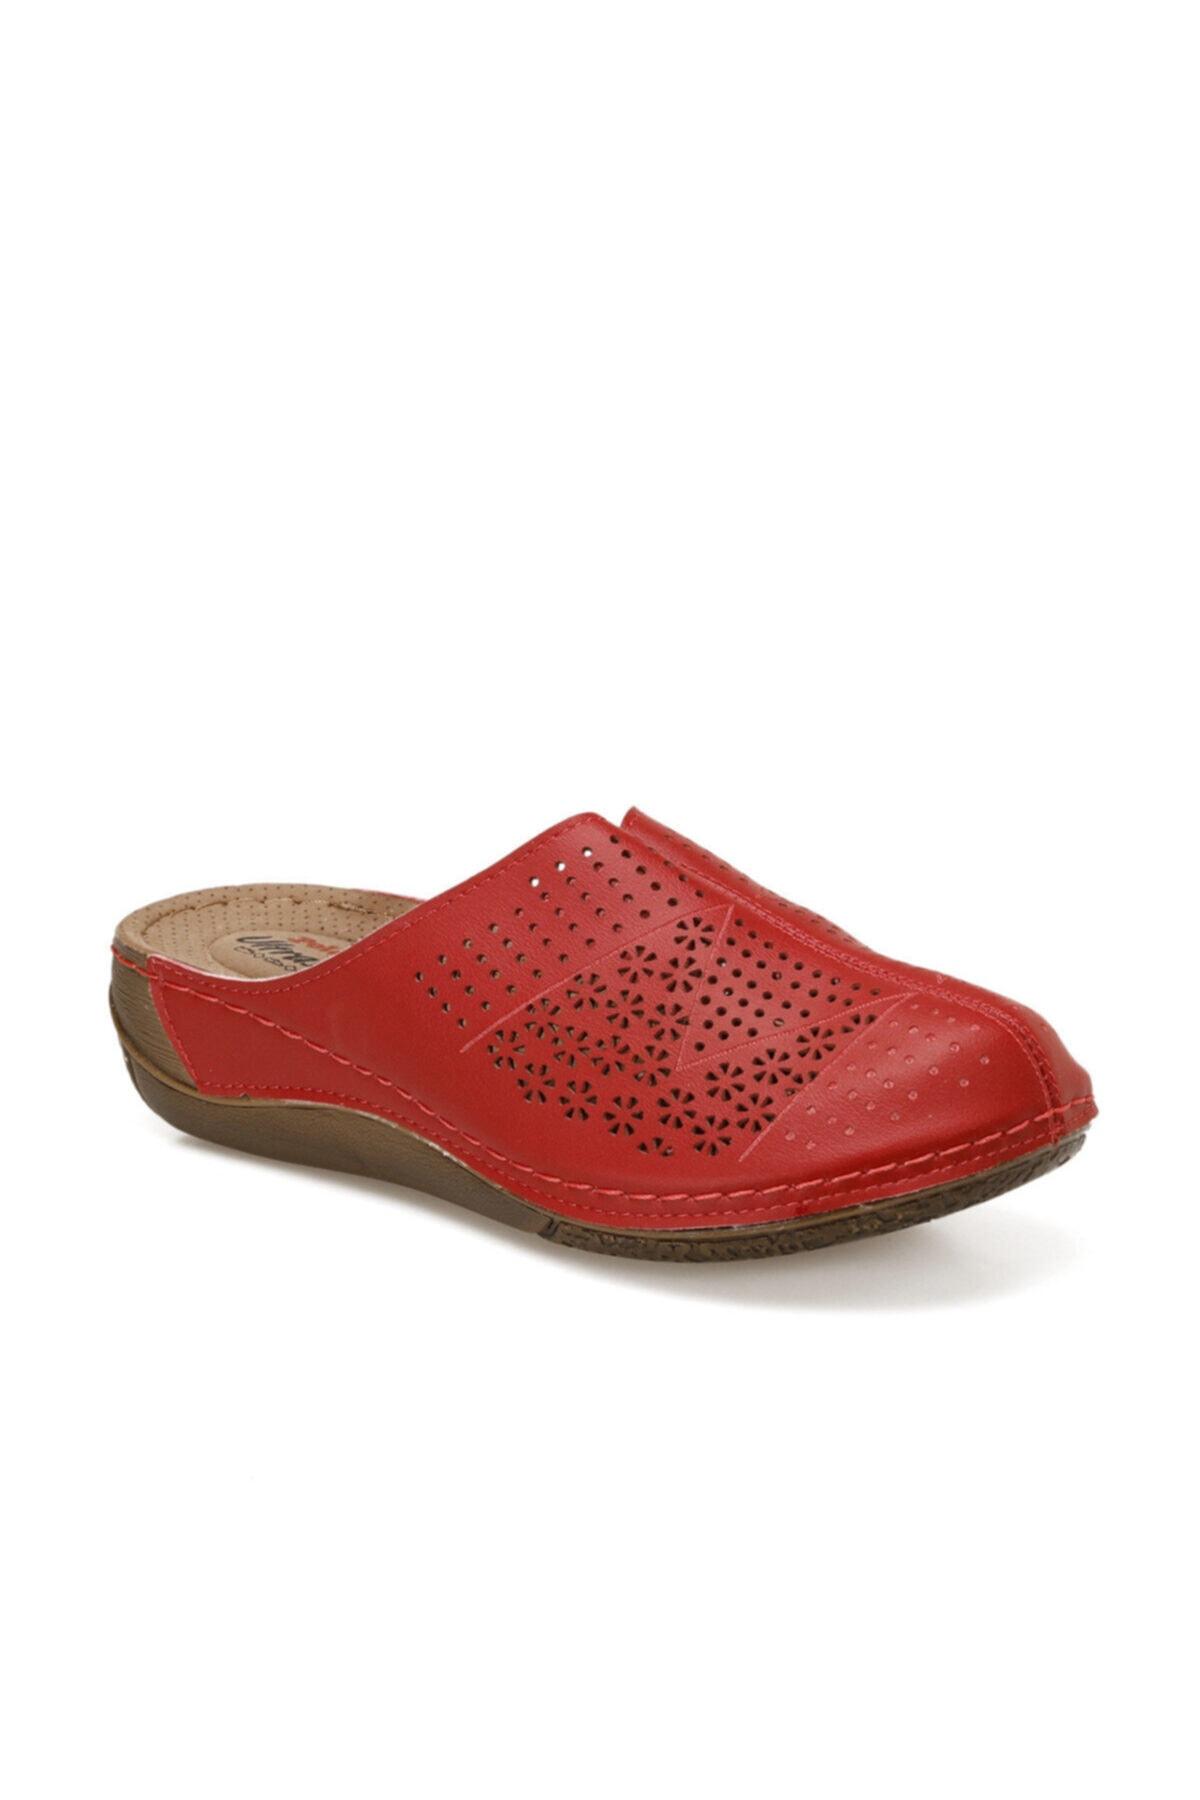 Polaris 91.158560.ZFAS Kırmızı Kadın Terlik 100524616 1